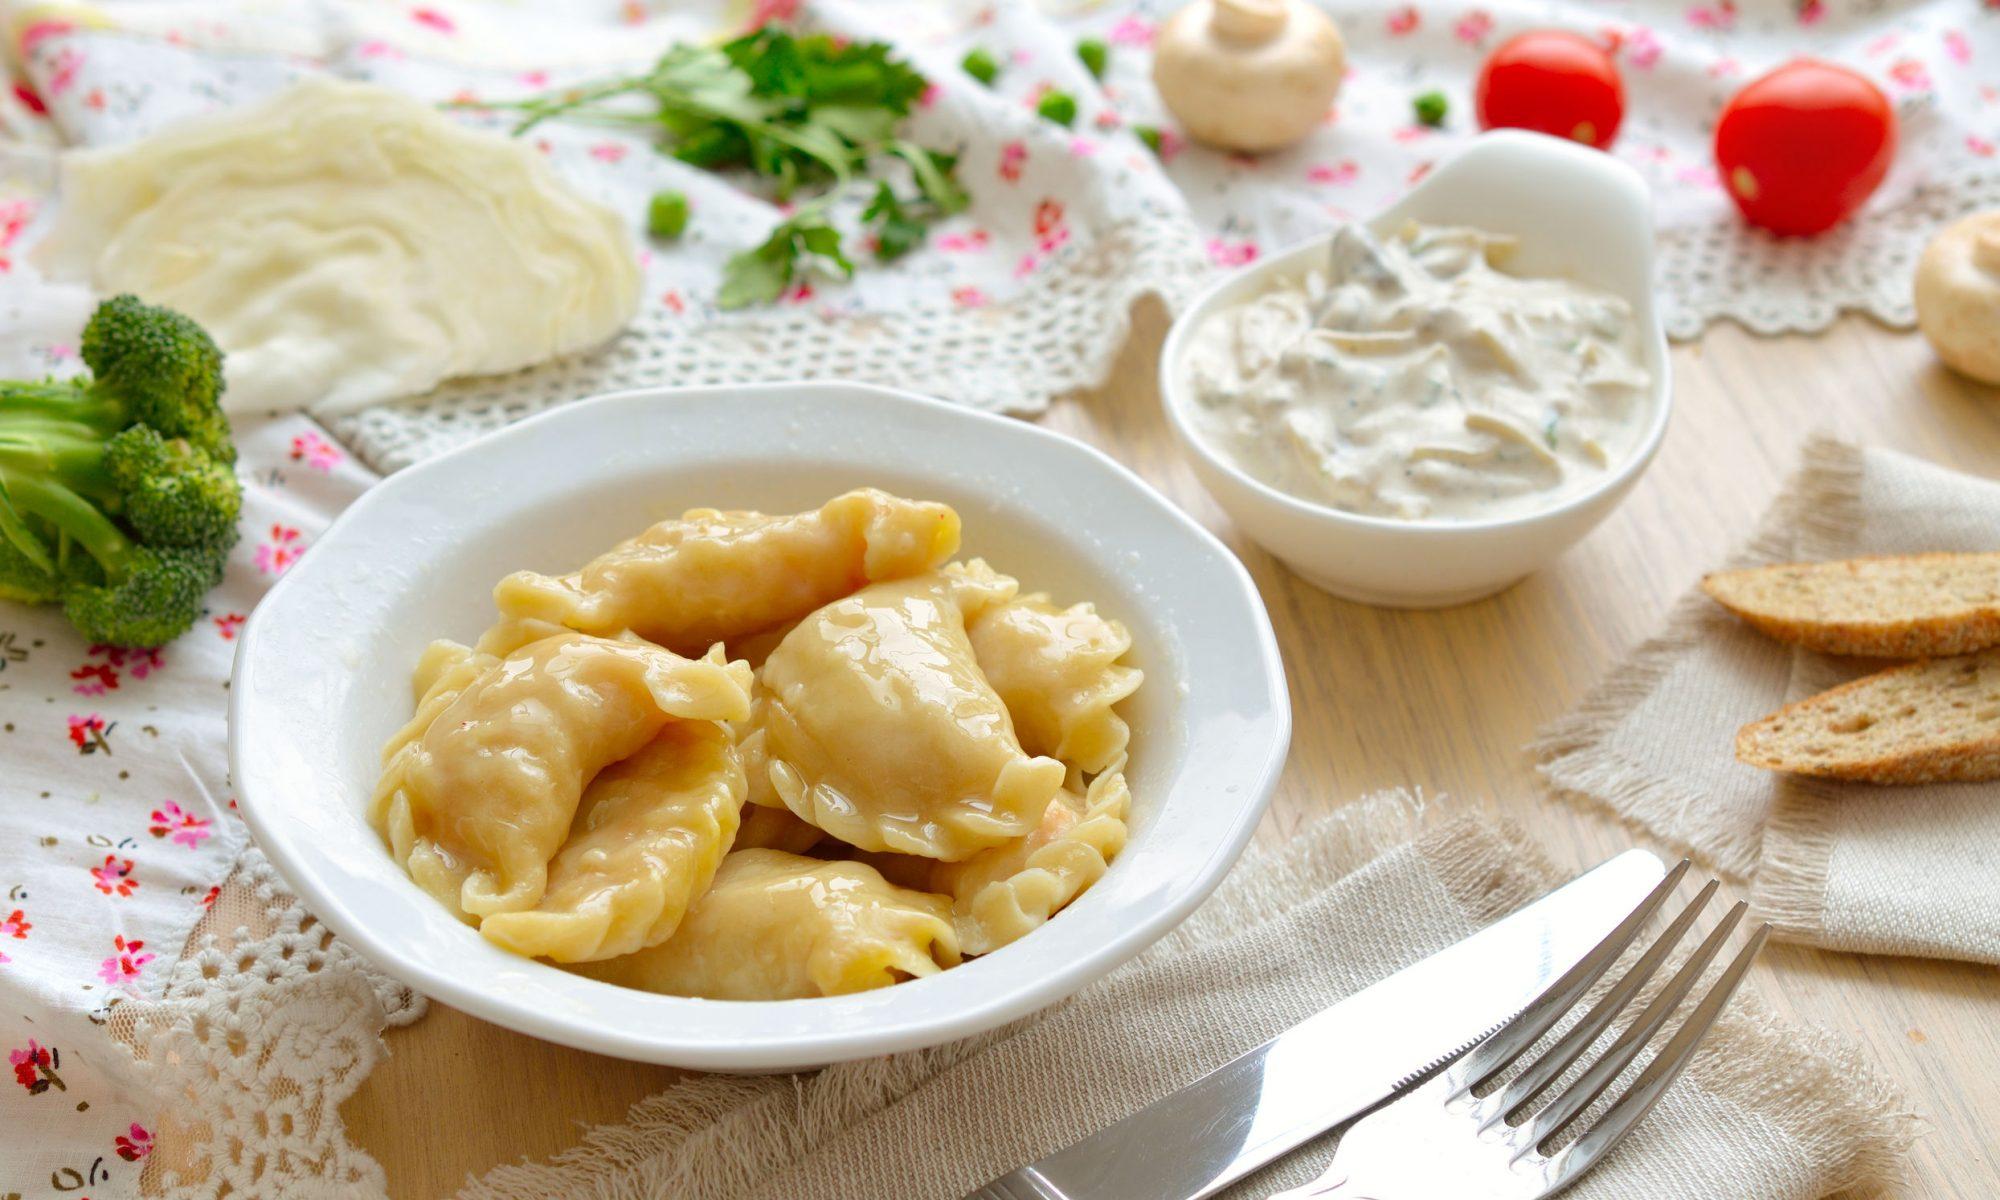 Вареники с картошкой: пошаговый рецепт с фото